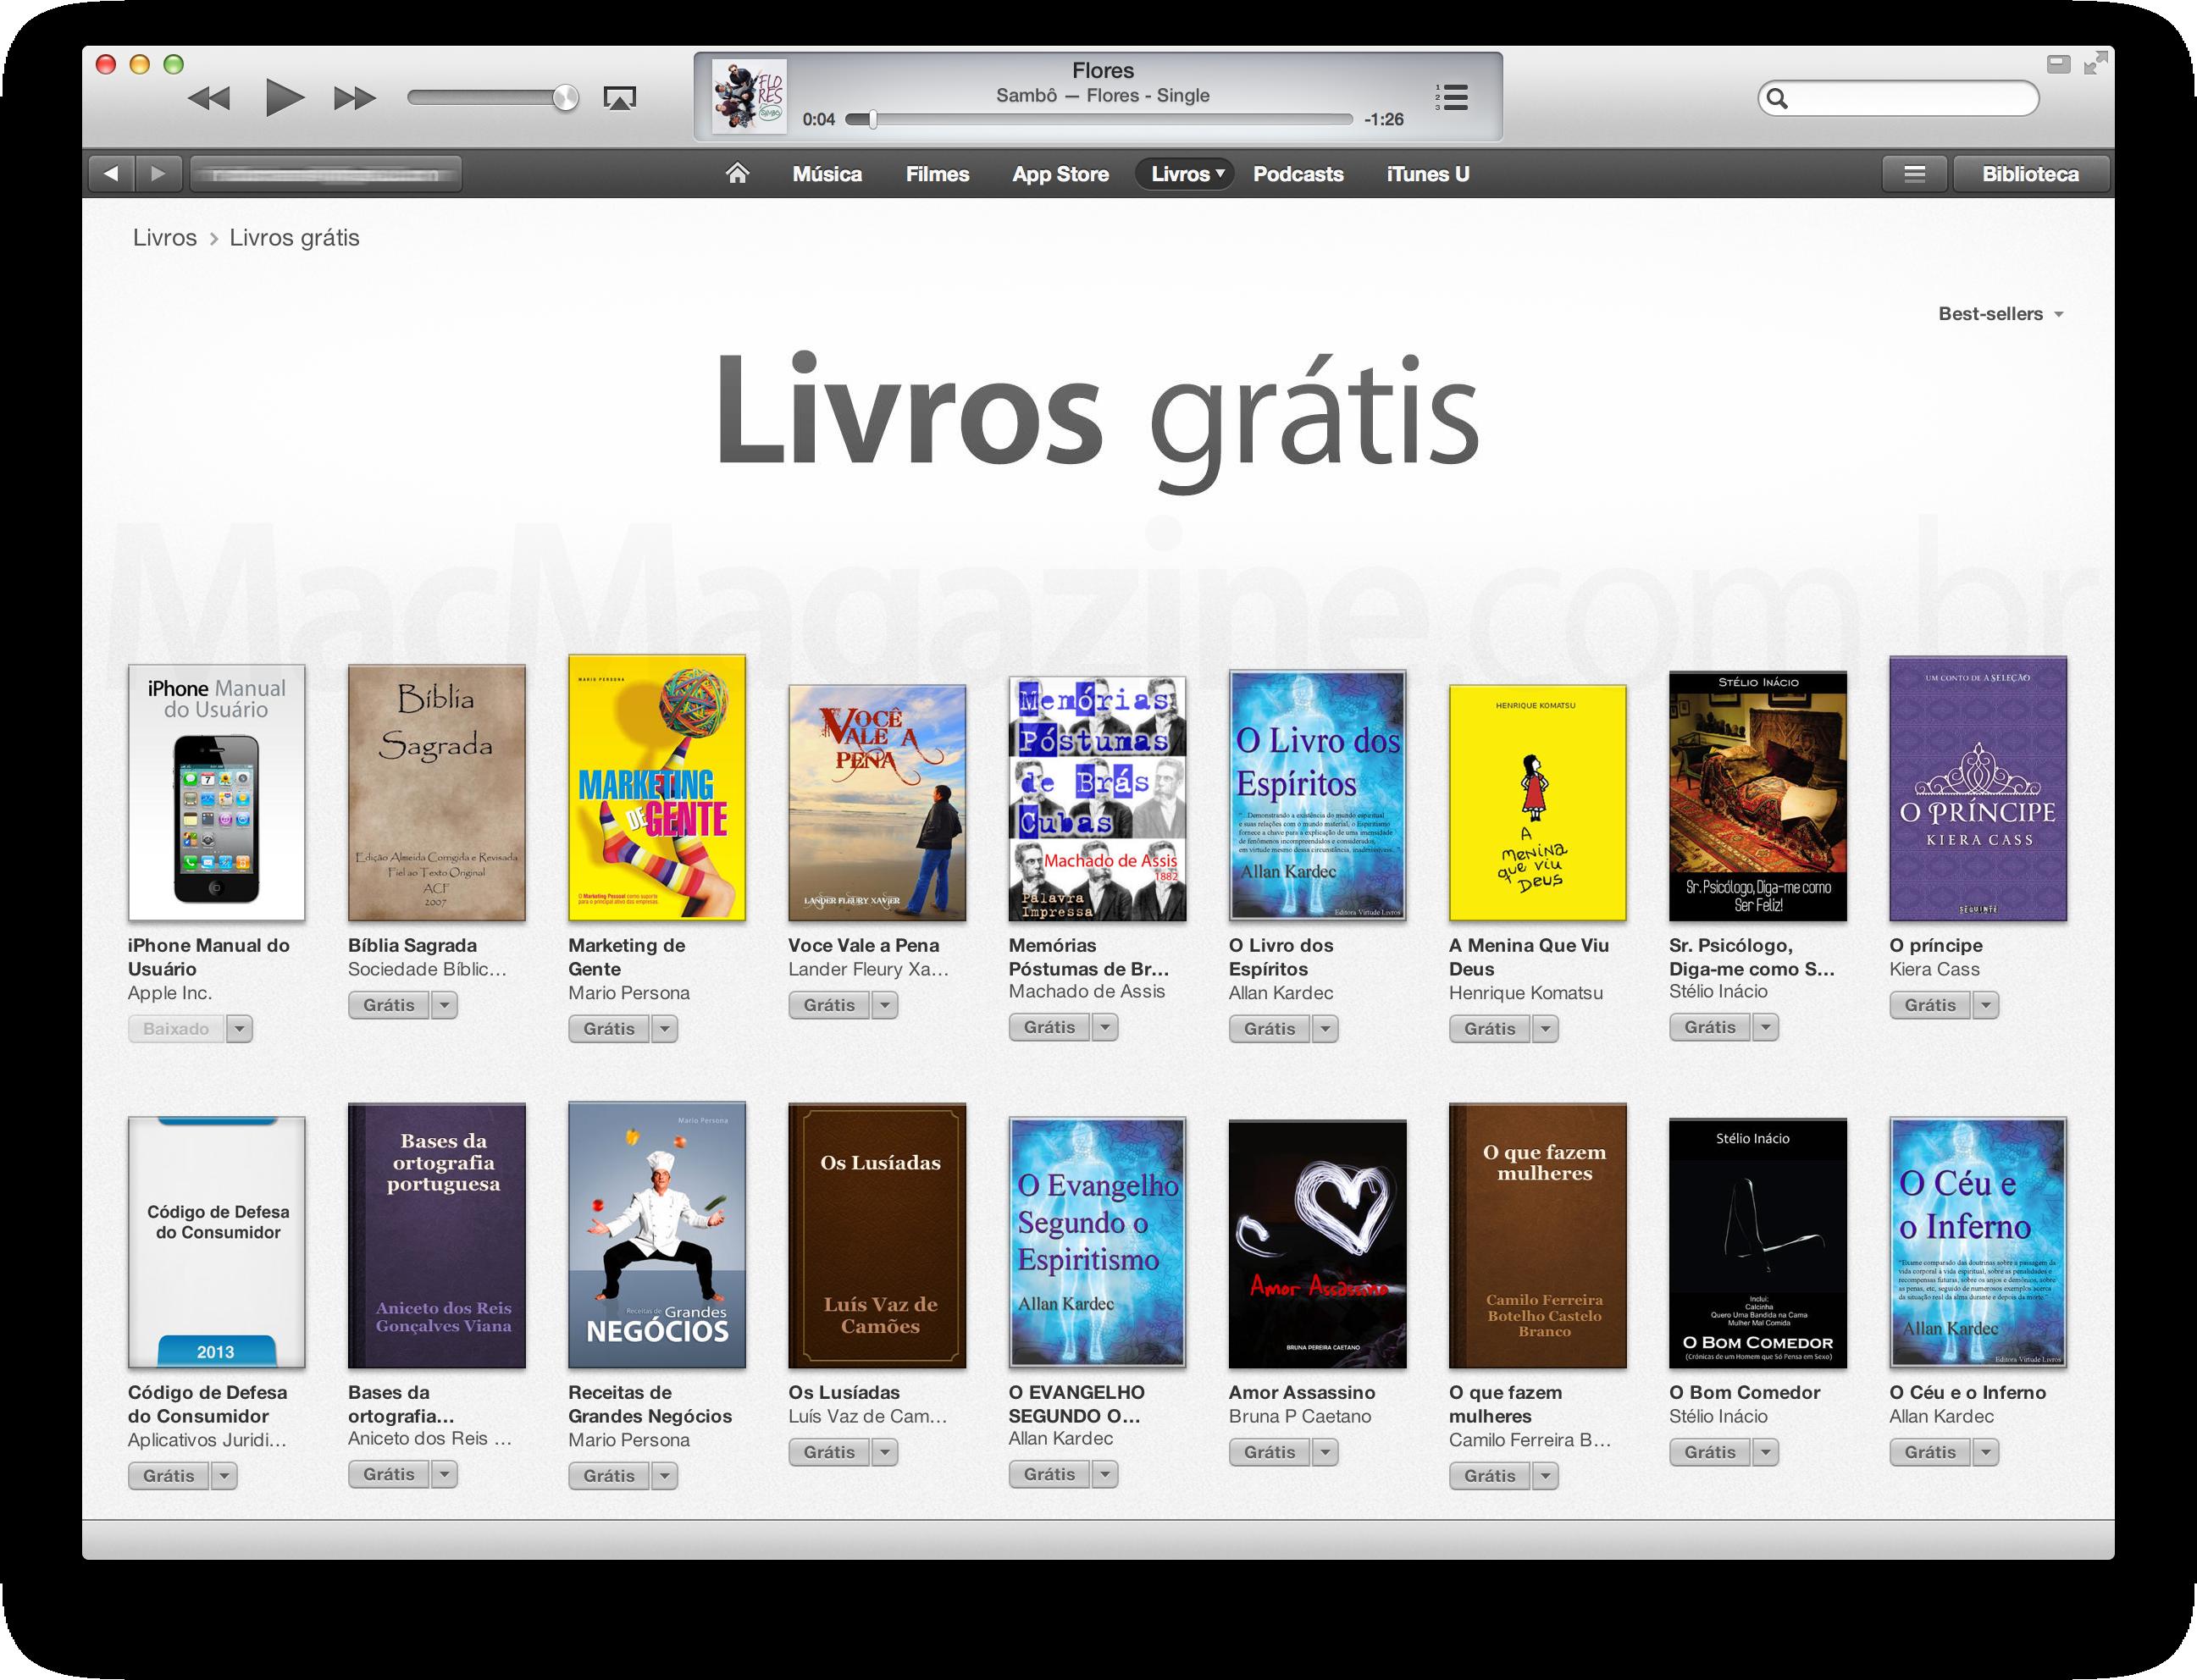 Livros grátis na iTunes Store brasileiro